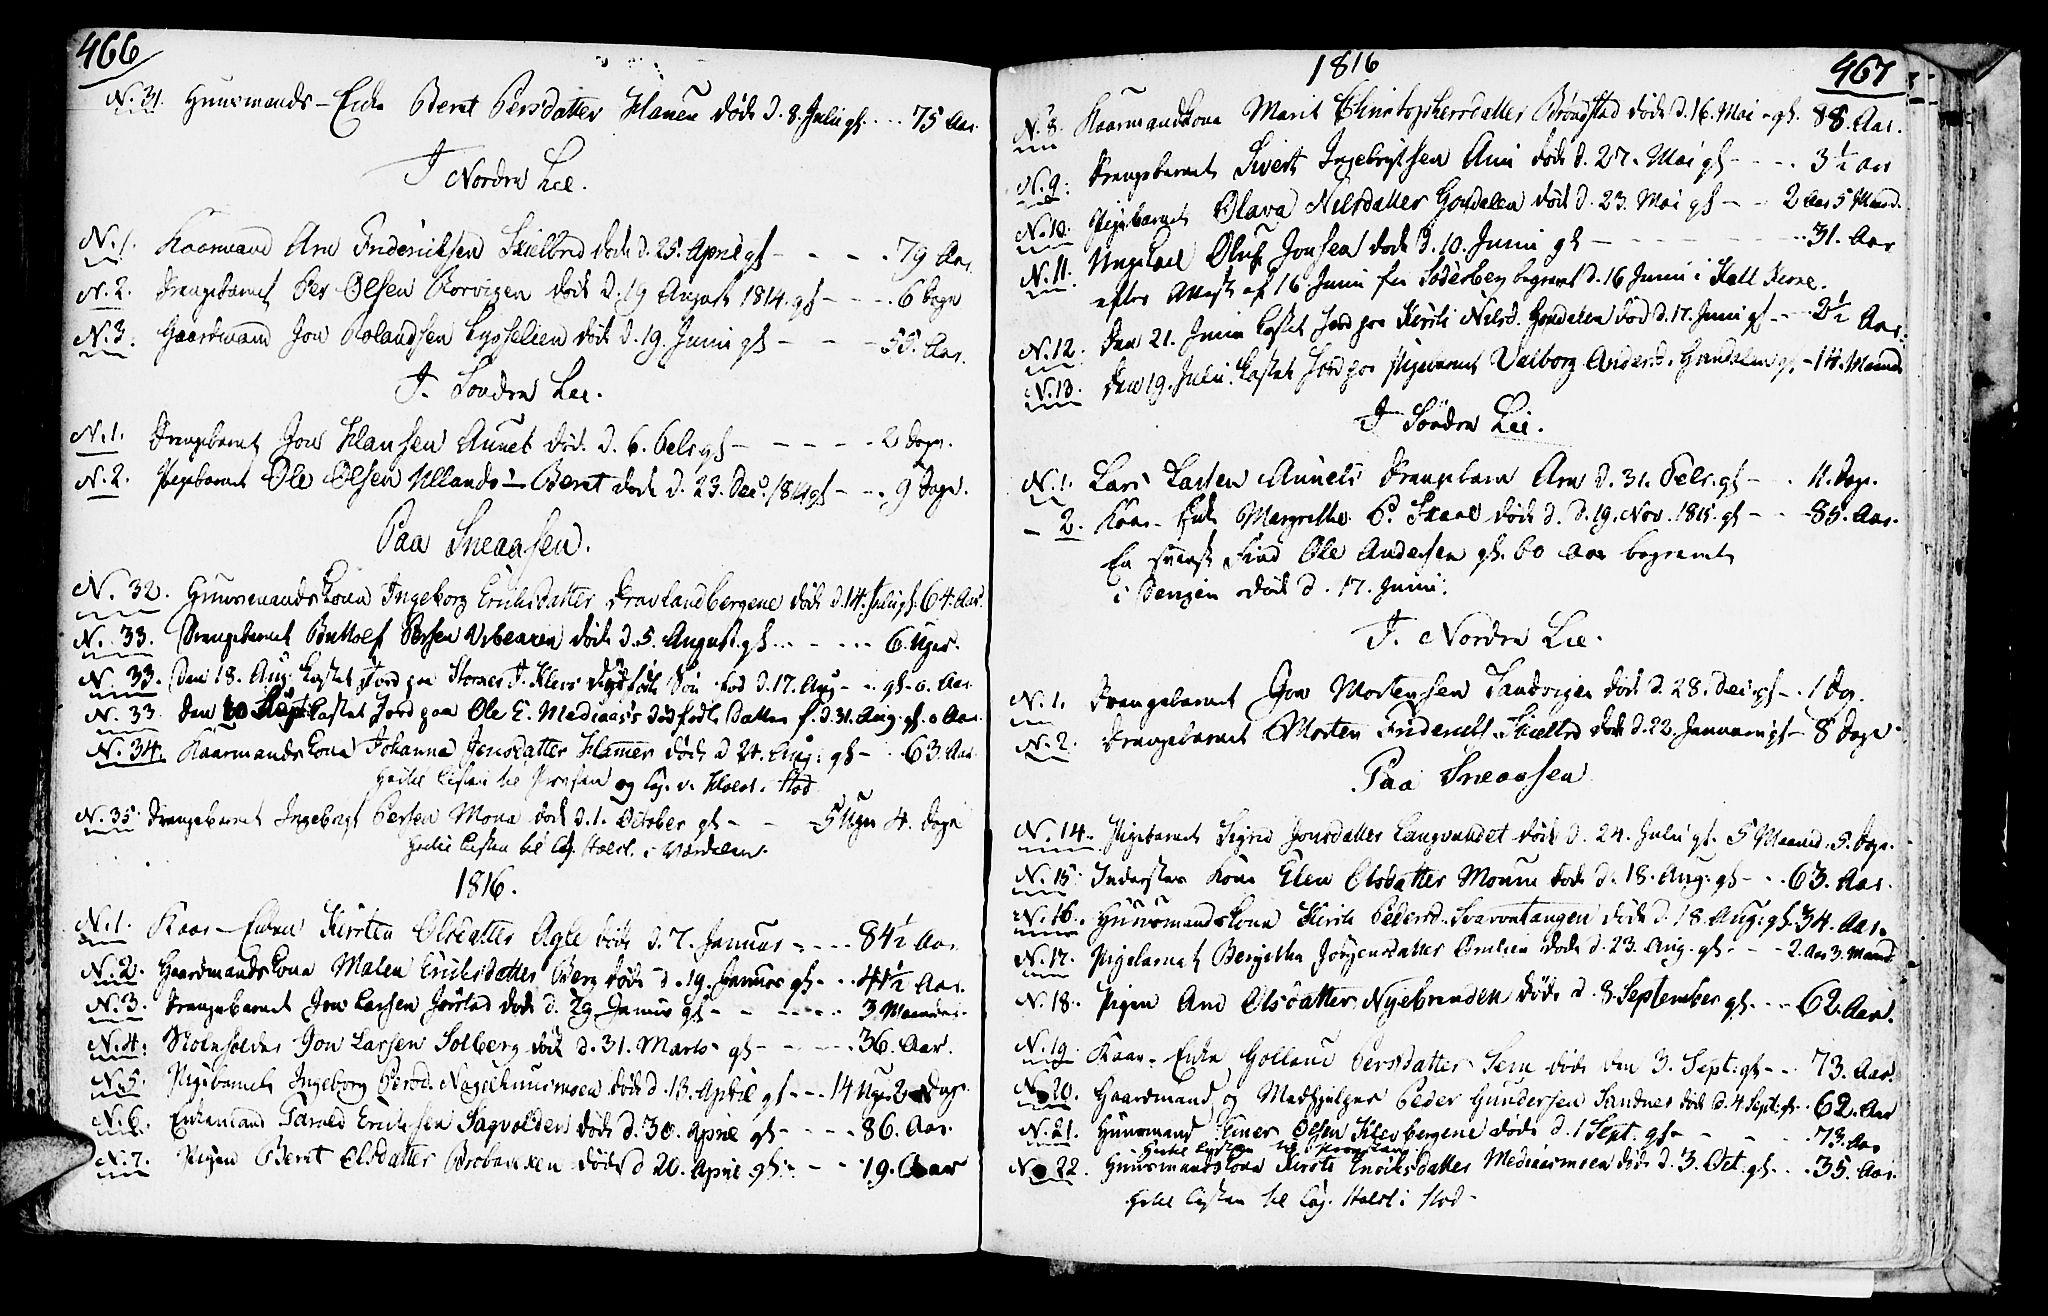 SAT, Ministerialprotokoller, klokkerbøker og fødselsregistre - Nord-Trøndelag, 749/L0468: Ministerialbok nr. 749A02, 1787-1817, s. 466-467